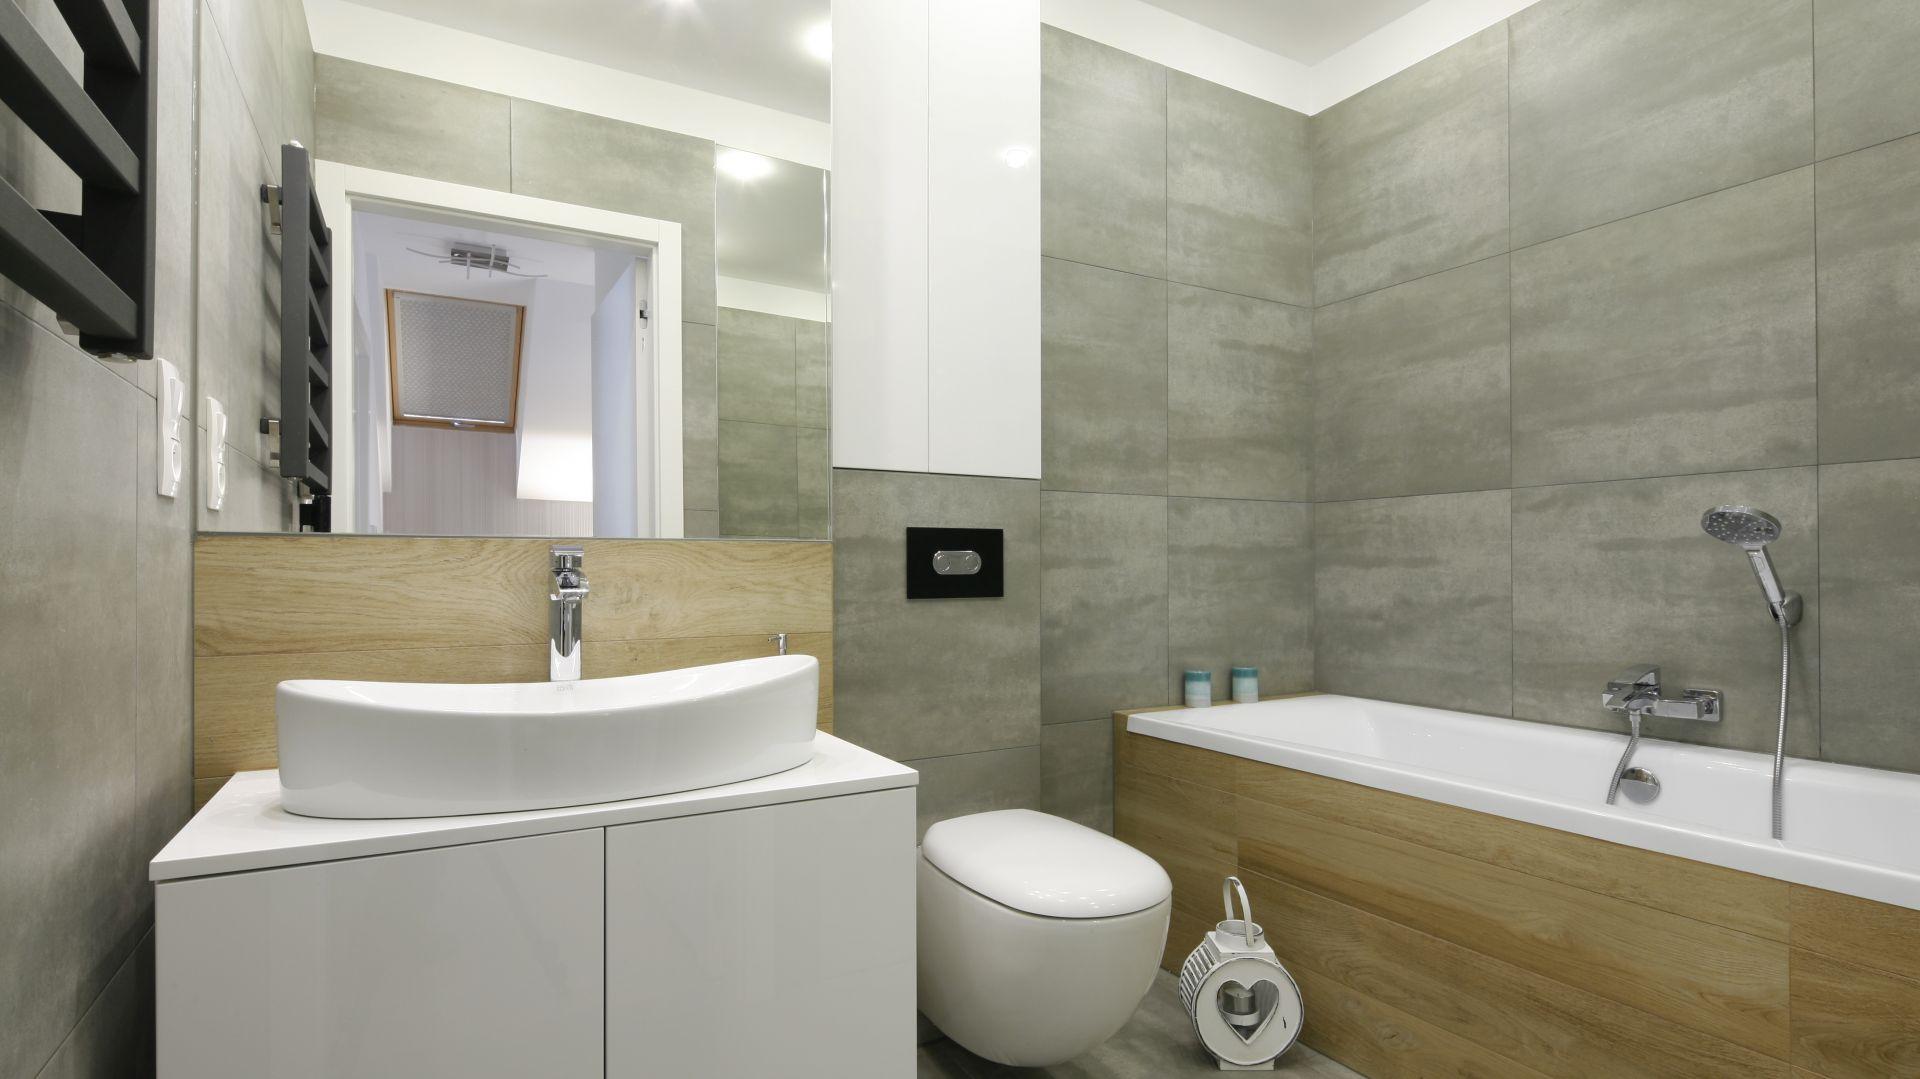 Aranżacja małej łazienki. Proj. Katarzyna Uszok. Fot. Bartosz Jarosz